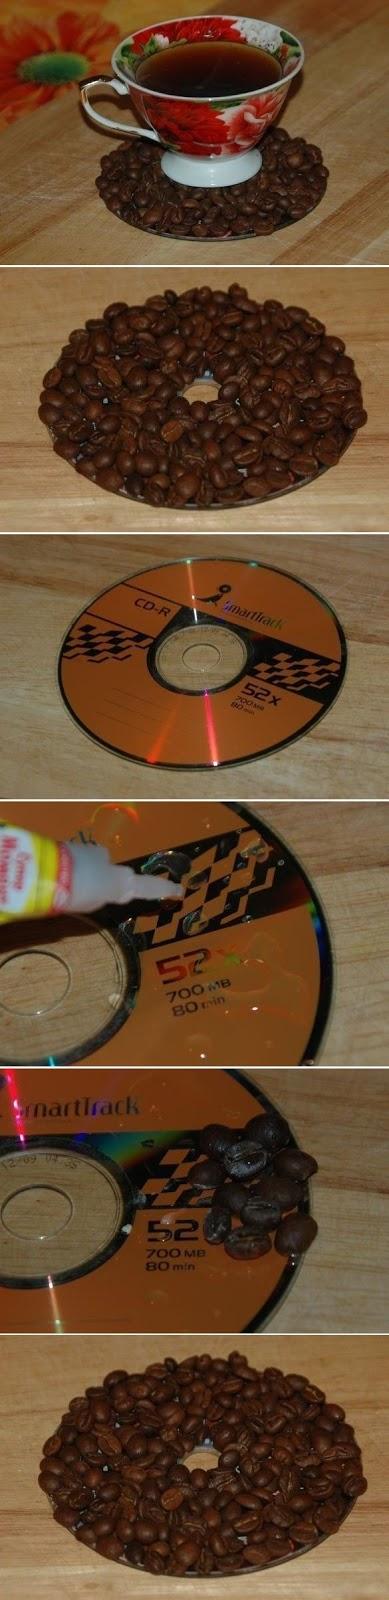 descanso de xícara feito com cds e grãos de café artesanto